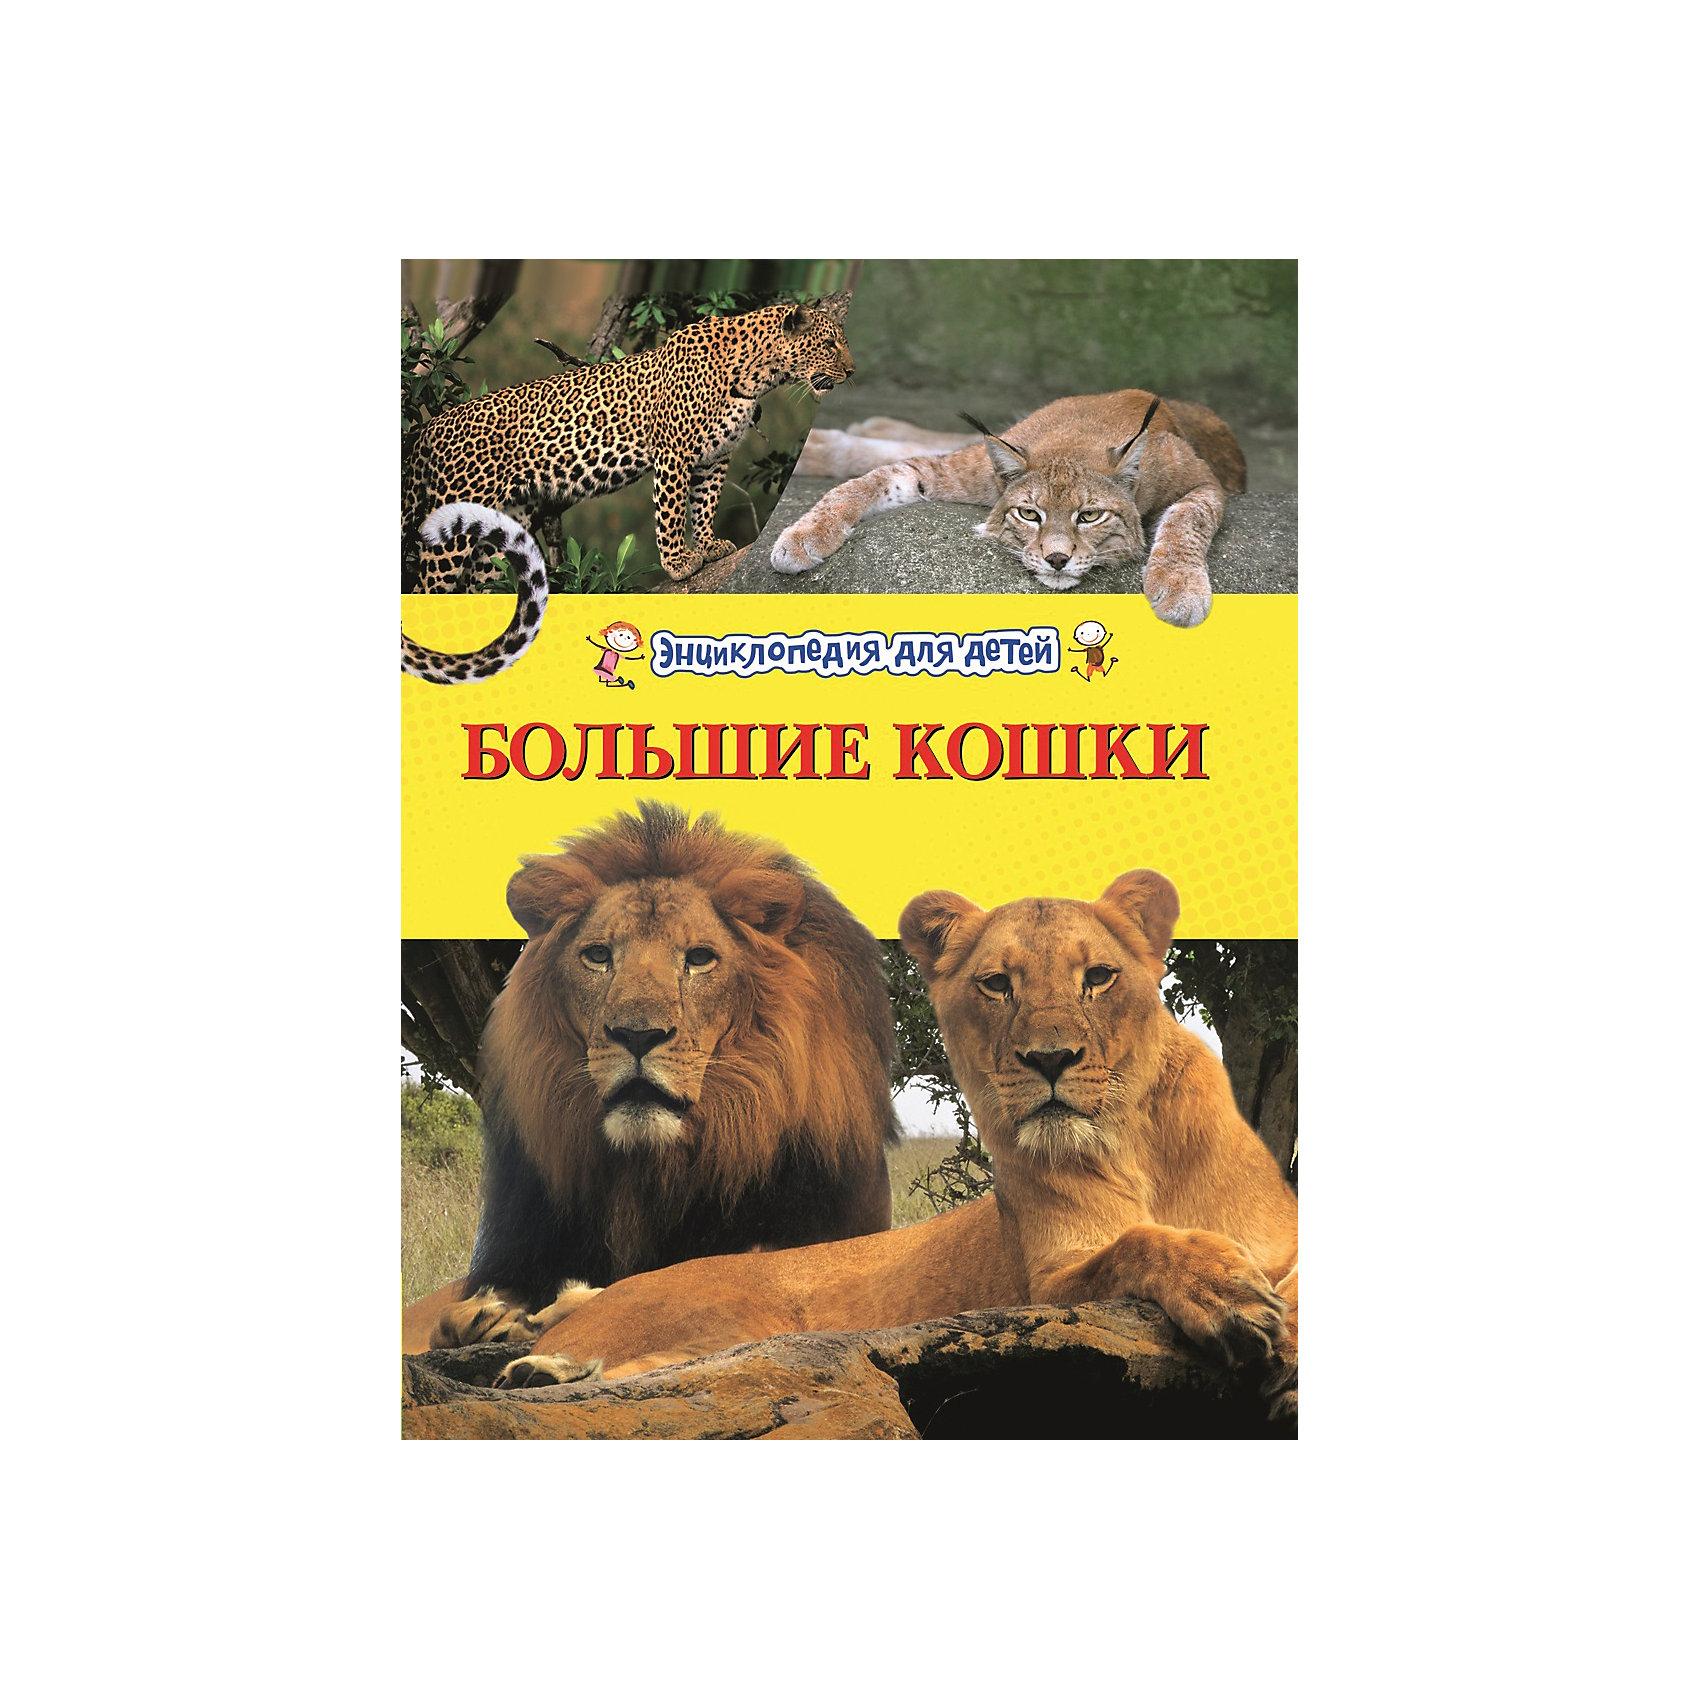 Большие кошки (Энциклопедия для детей)Характеристики товара:<br><br>- цвет: разноцветный;<br>- материал: бумага;<br>- страниц: 48;<br>- формат: 26 х 21 см;<br>- обложка: твердая;<br>- цветные иллюстрации.<br><br>Эта интересная книга с иллюстрациями станет отличным подарком для ребенка. Она содержит в себе ответы на вопросы, которые интересуют малышей. Всё представлено в очень простой форме! Талантливый иллюстратор дополнил книгу качественными рисунками, которые помогают ребенку понять суть многих вещей в нашем мире. Удивительные и интересные факты помогут привить любовь к учебе!<br>Чтение - отличный способ активизации мышления, оно помогает ребенку развивать зрительную память, концентрацию внимания и воображение. Издание произведено из качественных материалов, которые безопасны даже для самых маленьких.<br><br>Книгу Большие кошки (Энциклопедия для детей) от компании Росмэн можно купить в нашем интернет-магазине.<br><br>Ширина мм: 260<br>Глубина мм: 205<br>Высота мм: 10<br>Вес г: 331<br>Возраст от месяцев: 60<br>Возраст до месяцев: 84<br>Пол: Унисекс<br>Возраст: Детский<br>SKU: 5109957